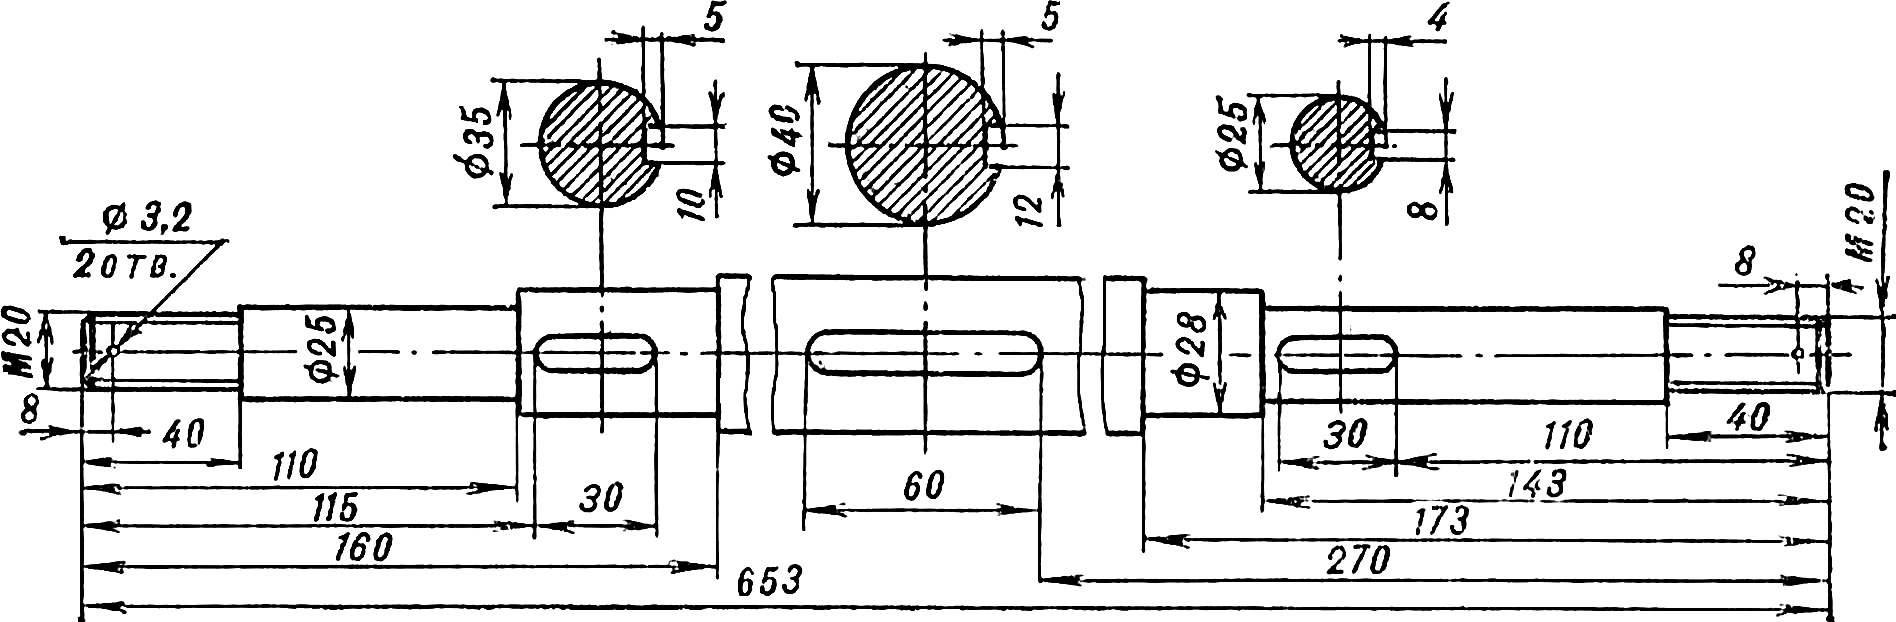 Fig. 7. Suspension shaft.